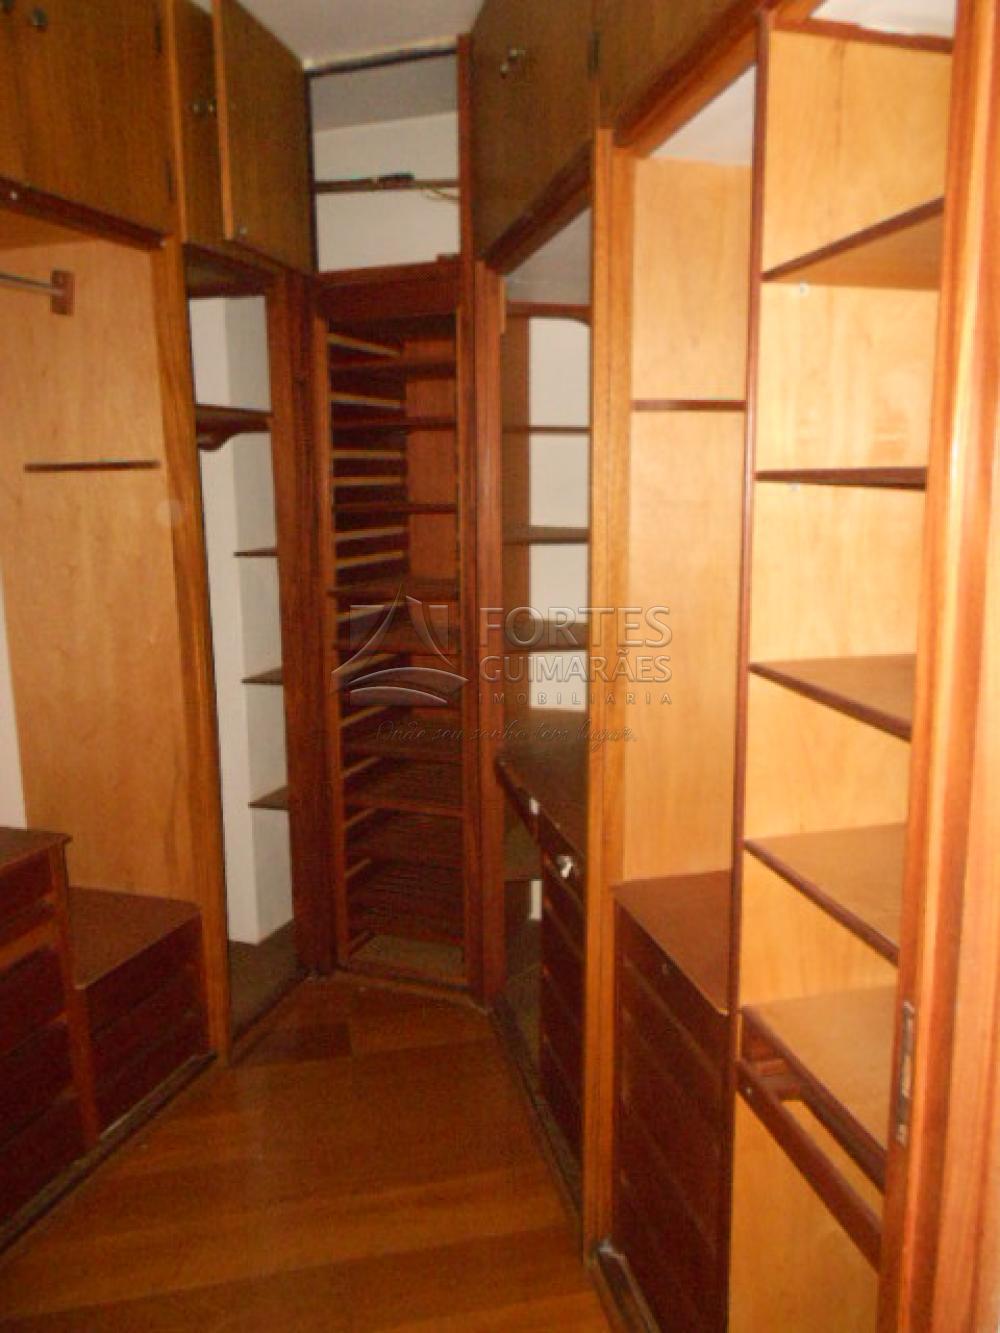 Alugar Apartamentos / Padrão em Ribeirão Preto apenas R$ 1.500,00 - Foto 55